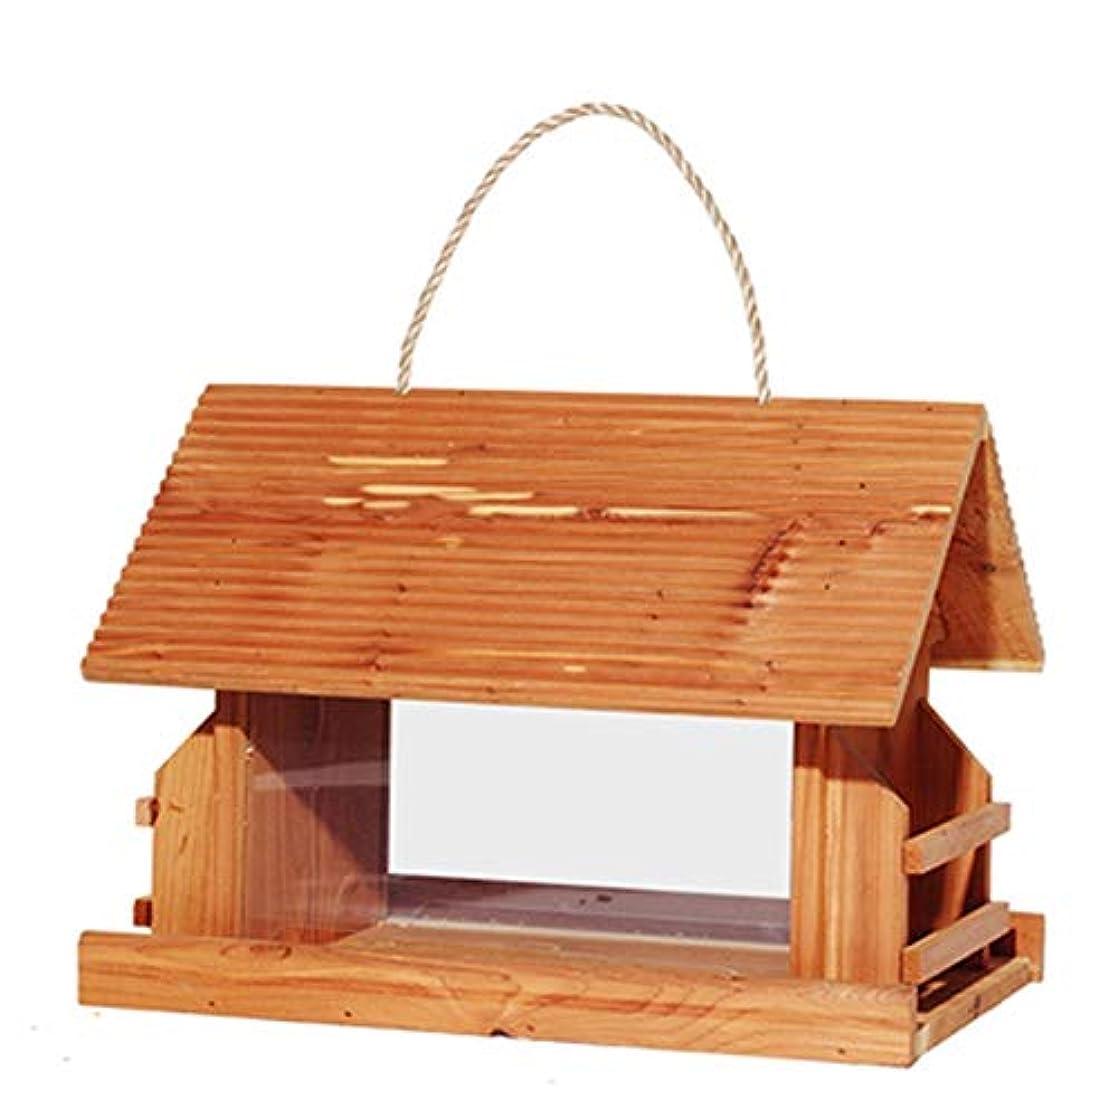 神経前売契約する野鳥の餌台 装飾鳥表無料立ち伝統木造全天候バードフィーダーハウスデザイン簡単クリーニング&リフィルバードフィーダーを吊るすためのアウトドア バードウォッチング 野鳥 給餌器 (Color : Yellow, Size : Free size)